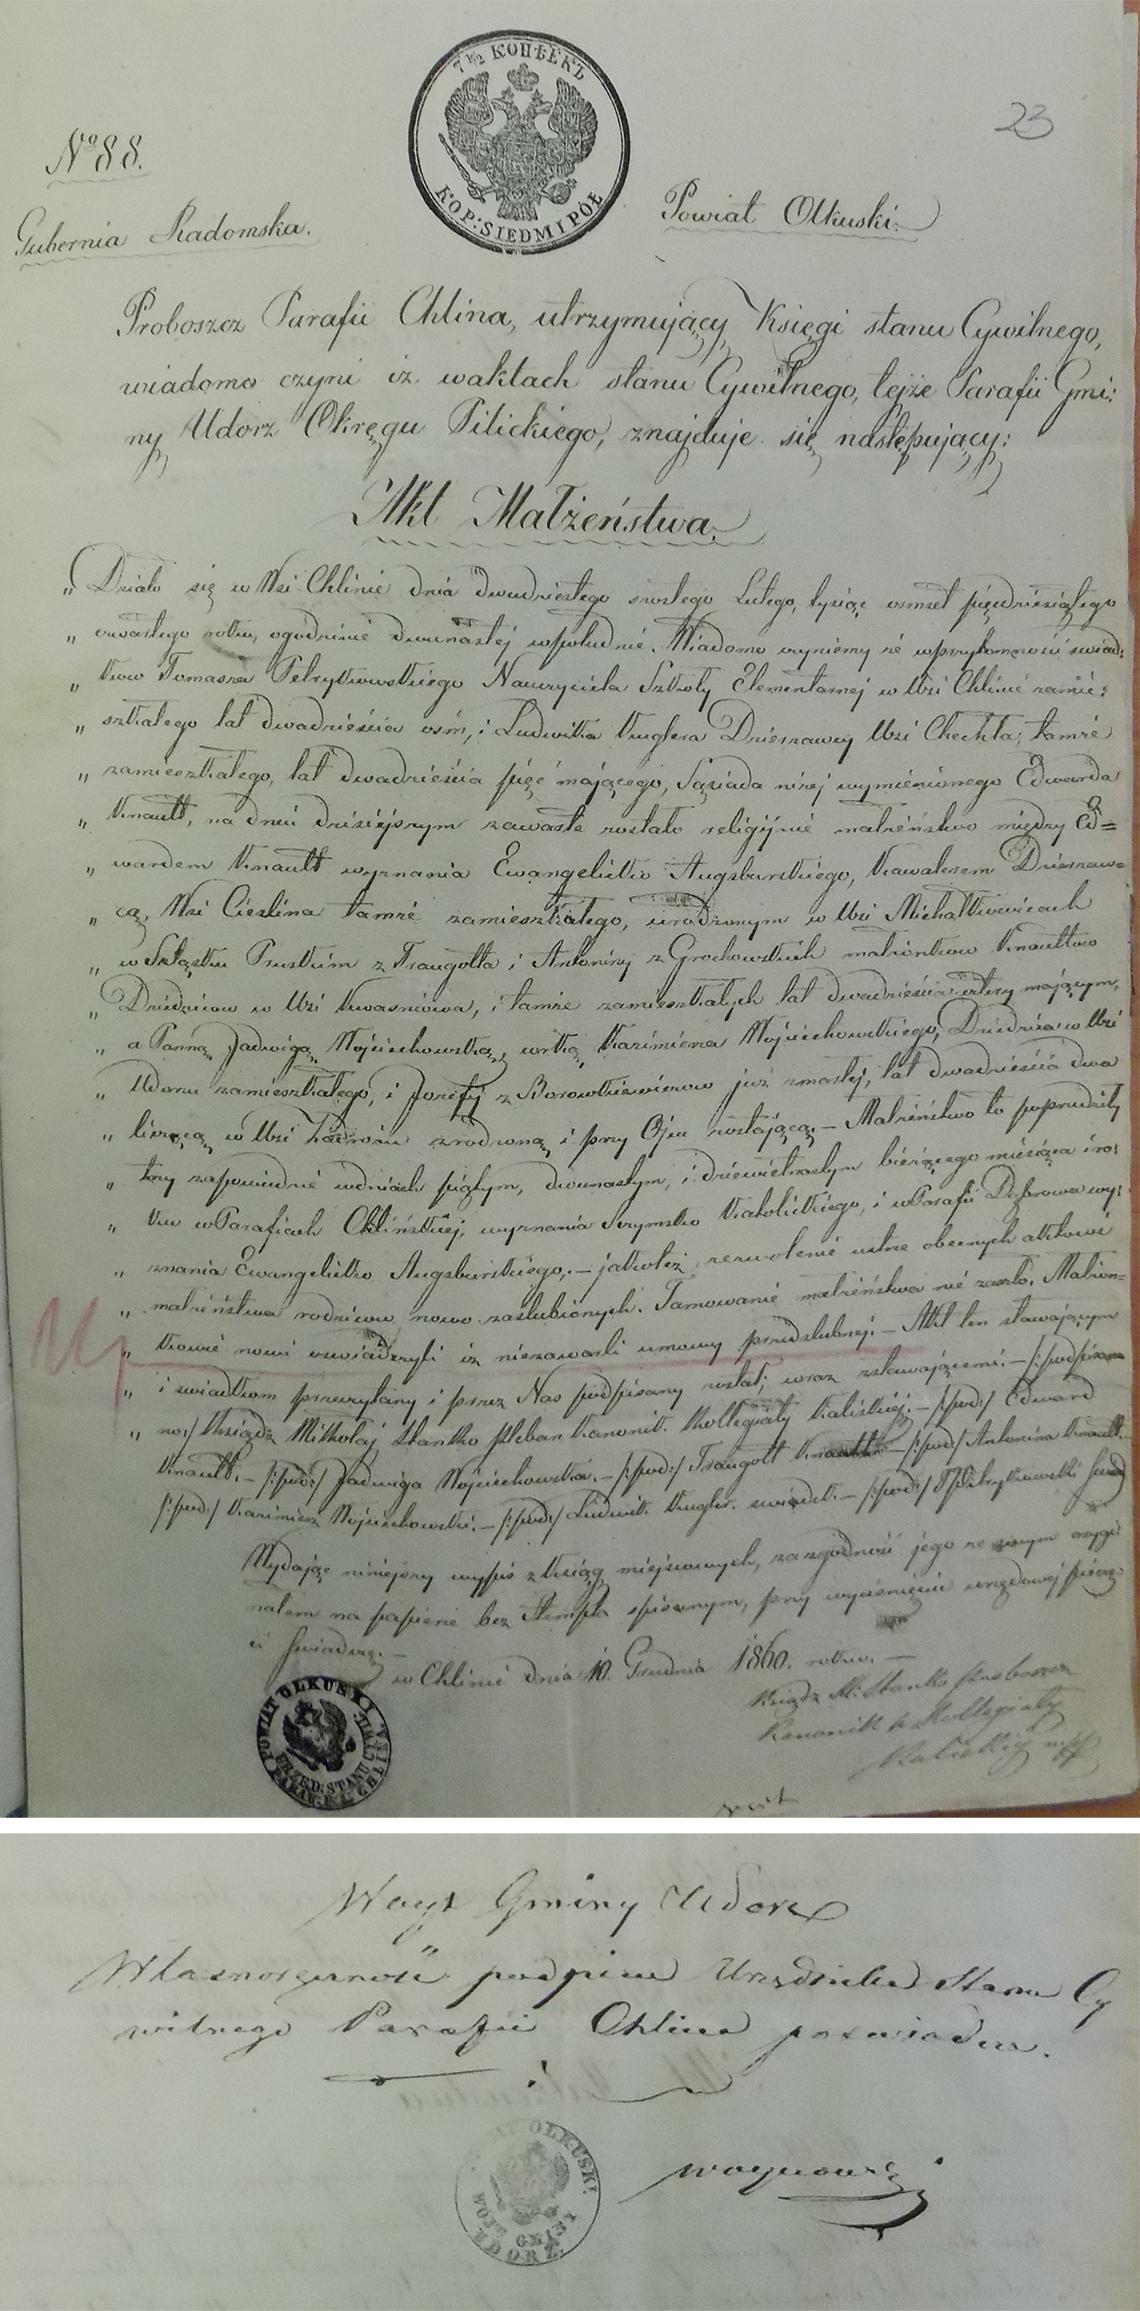 Akt stanu cywilnego małżeństwa Edward Knaut & Jadwiga Wojciechowska 26.02.1854 r.